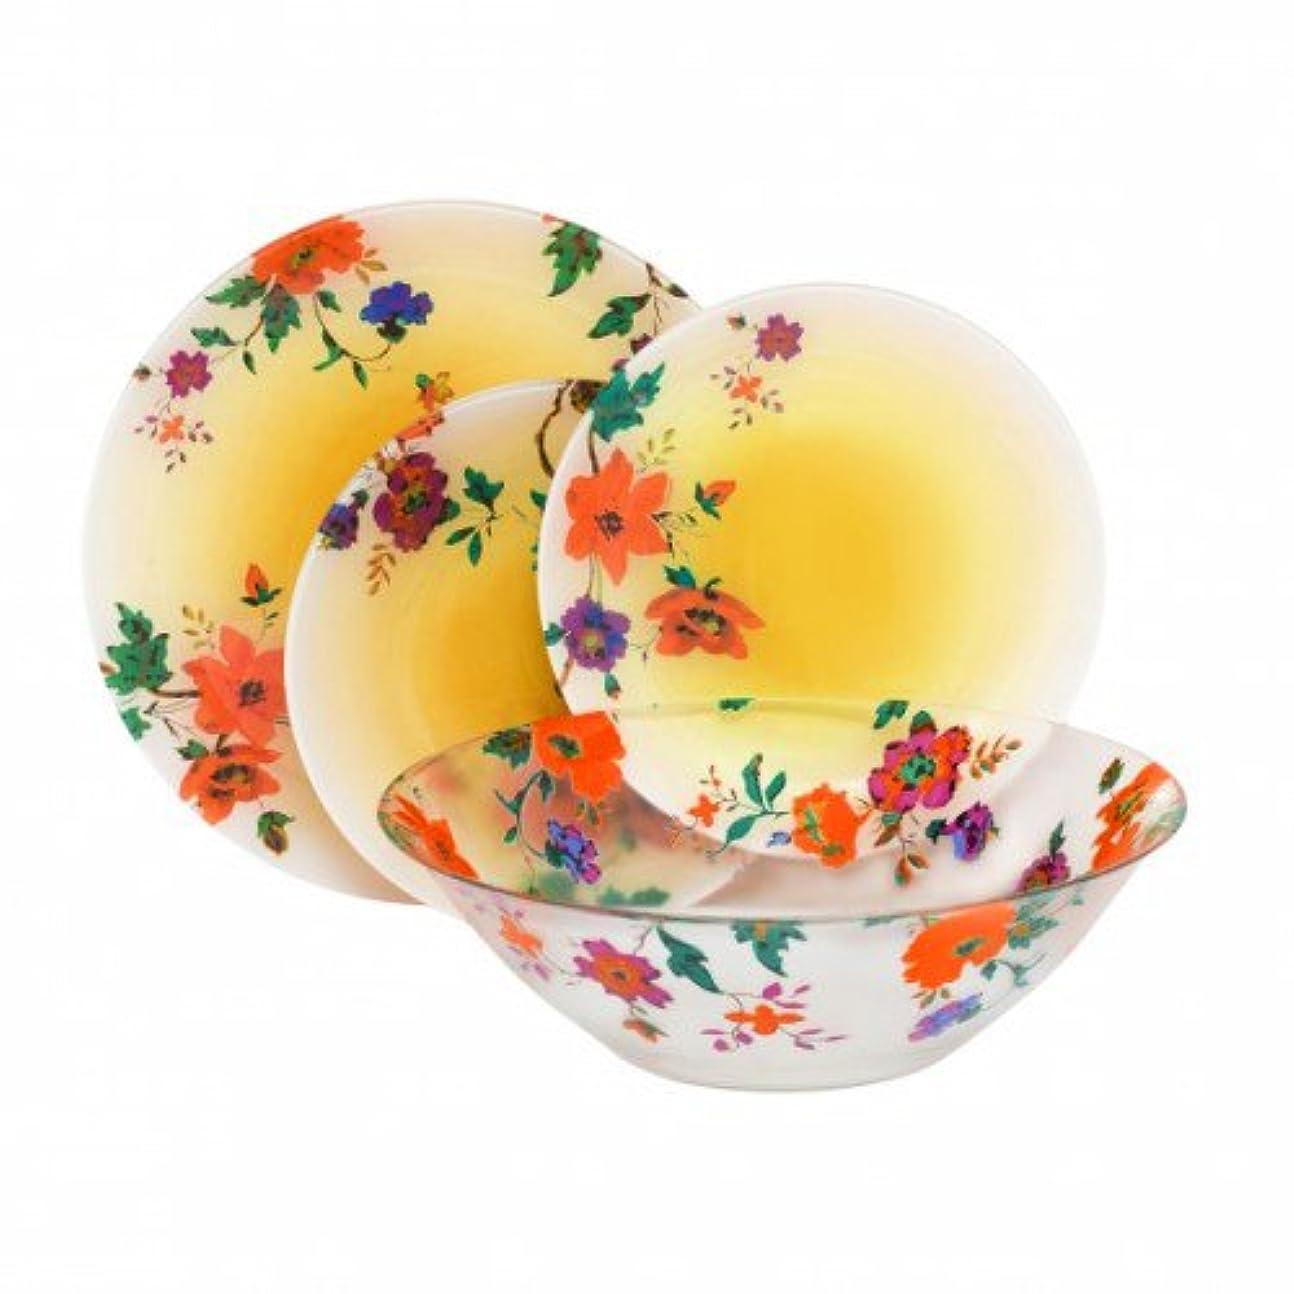 普通に判決シーフードLuminarcマリツァオレンジ」壊れない強化ガラス19-pcs食器セット、オレンジ色付きヴィンテージDish Set